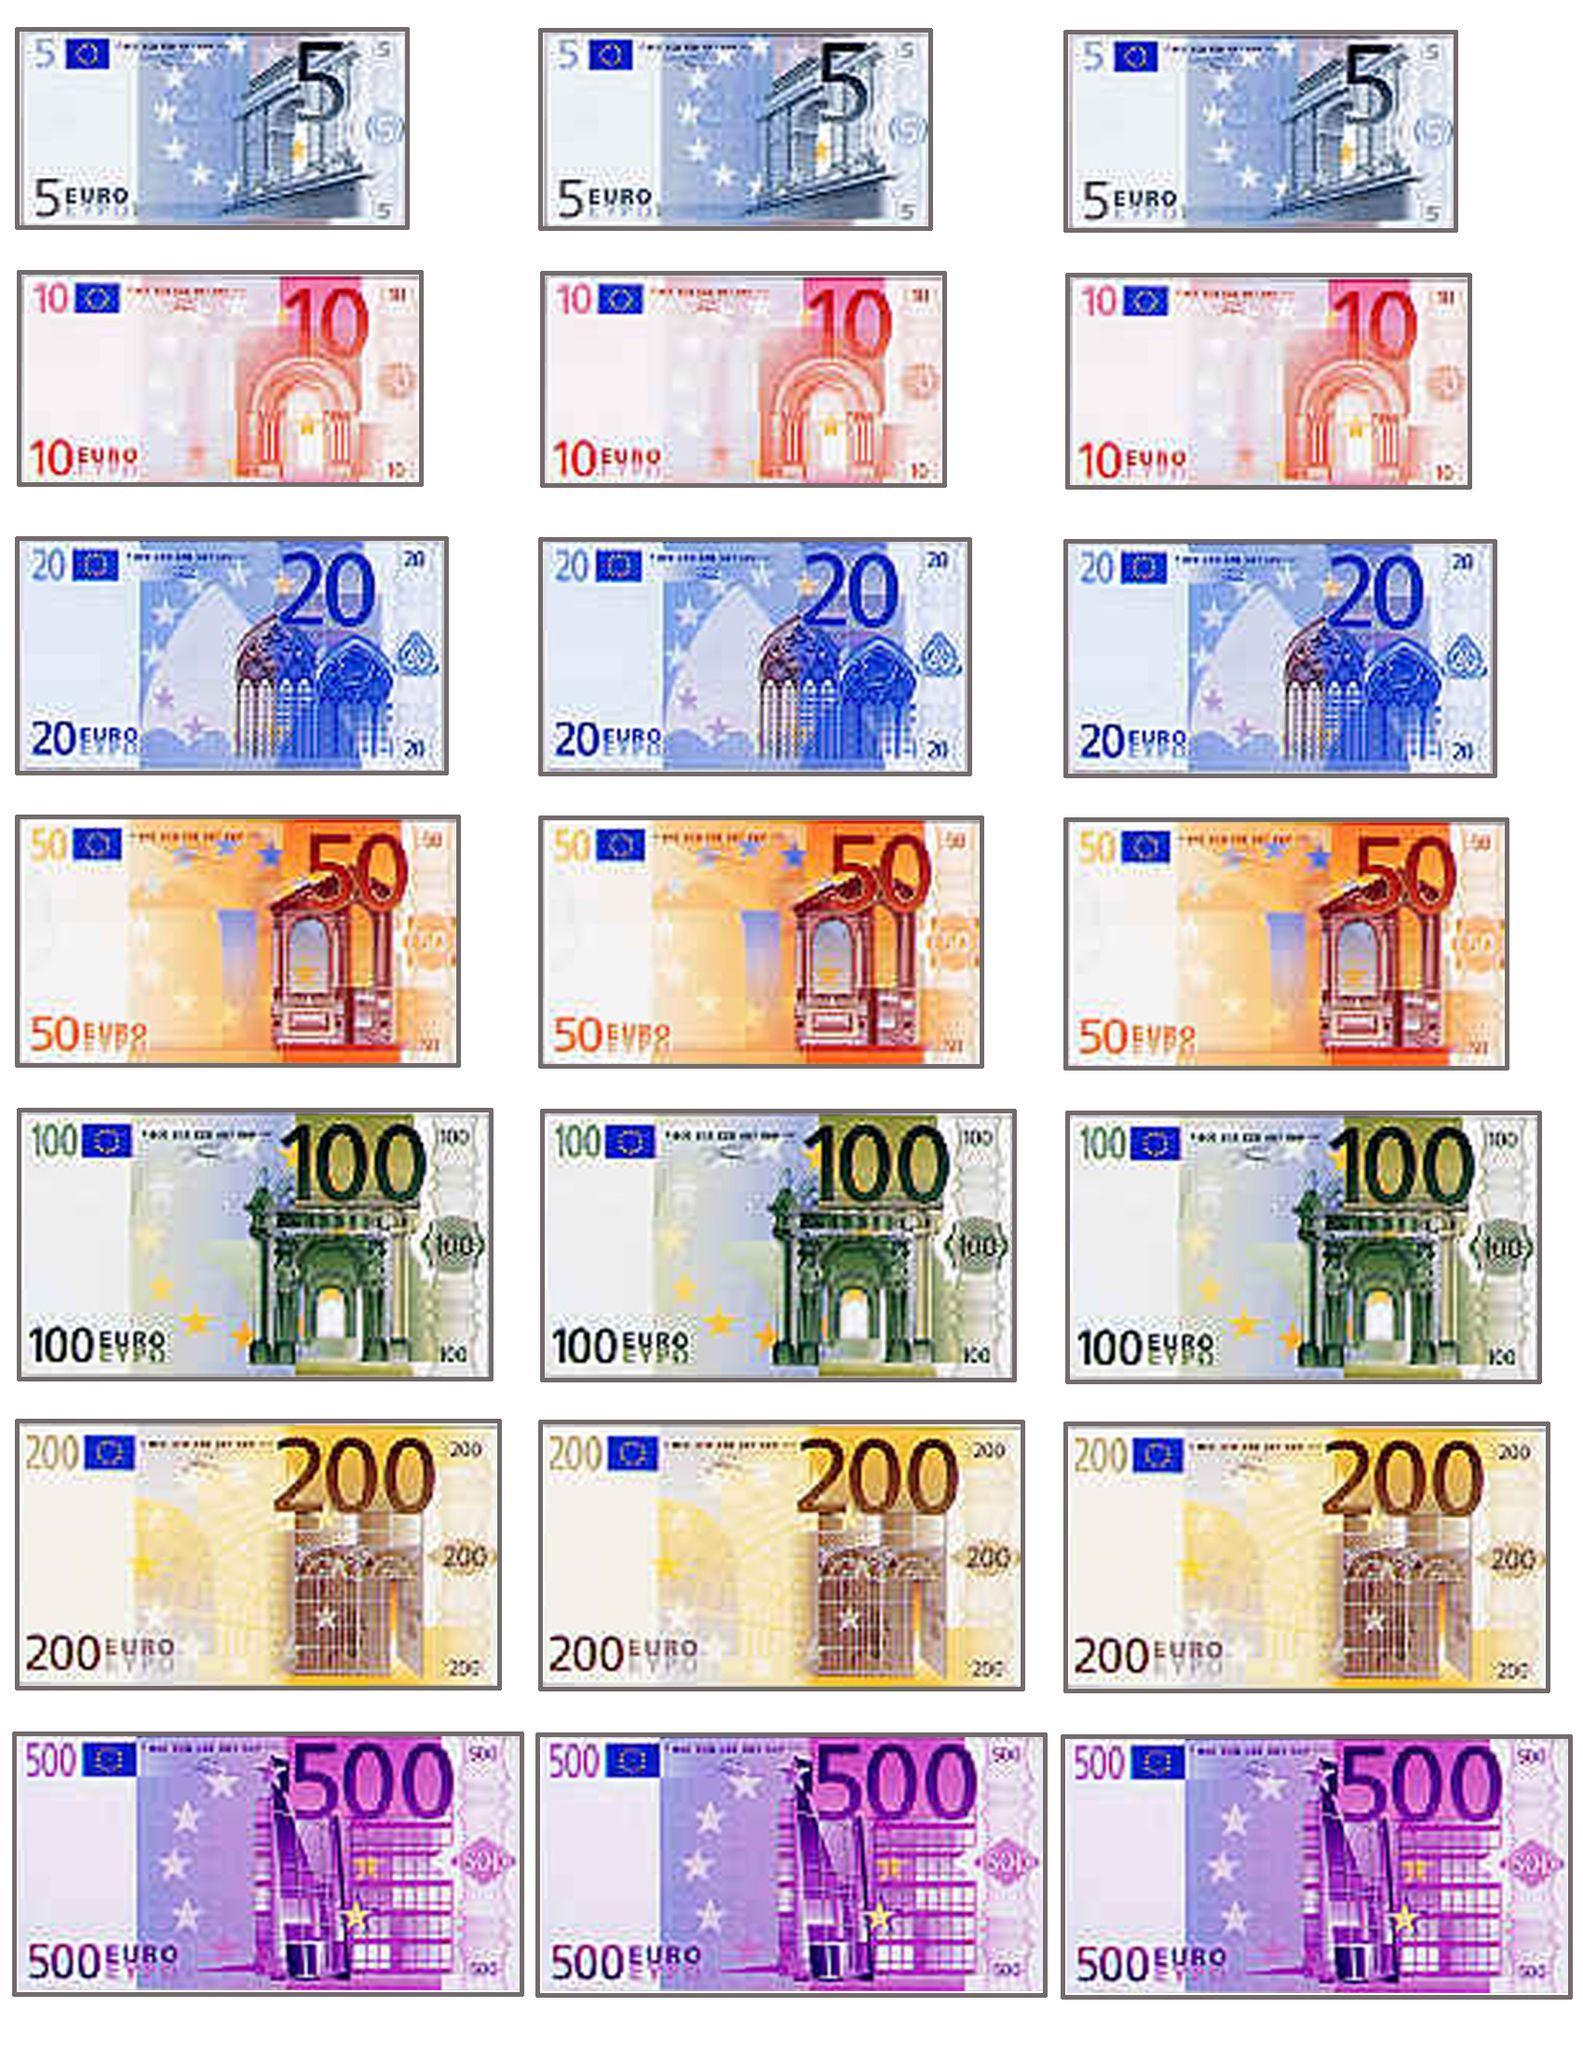 Imprimer Des Faux Billets Pour Enfants Jeux A Imprimer Avec Faux Billet A Imprimer Jeux A Imprimer Jeux De Marchande Billet En Euros